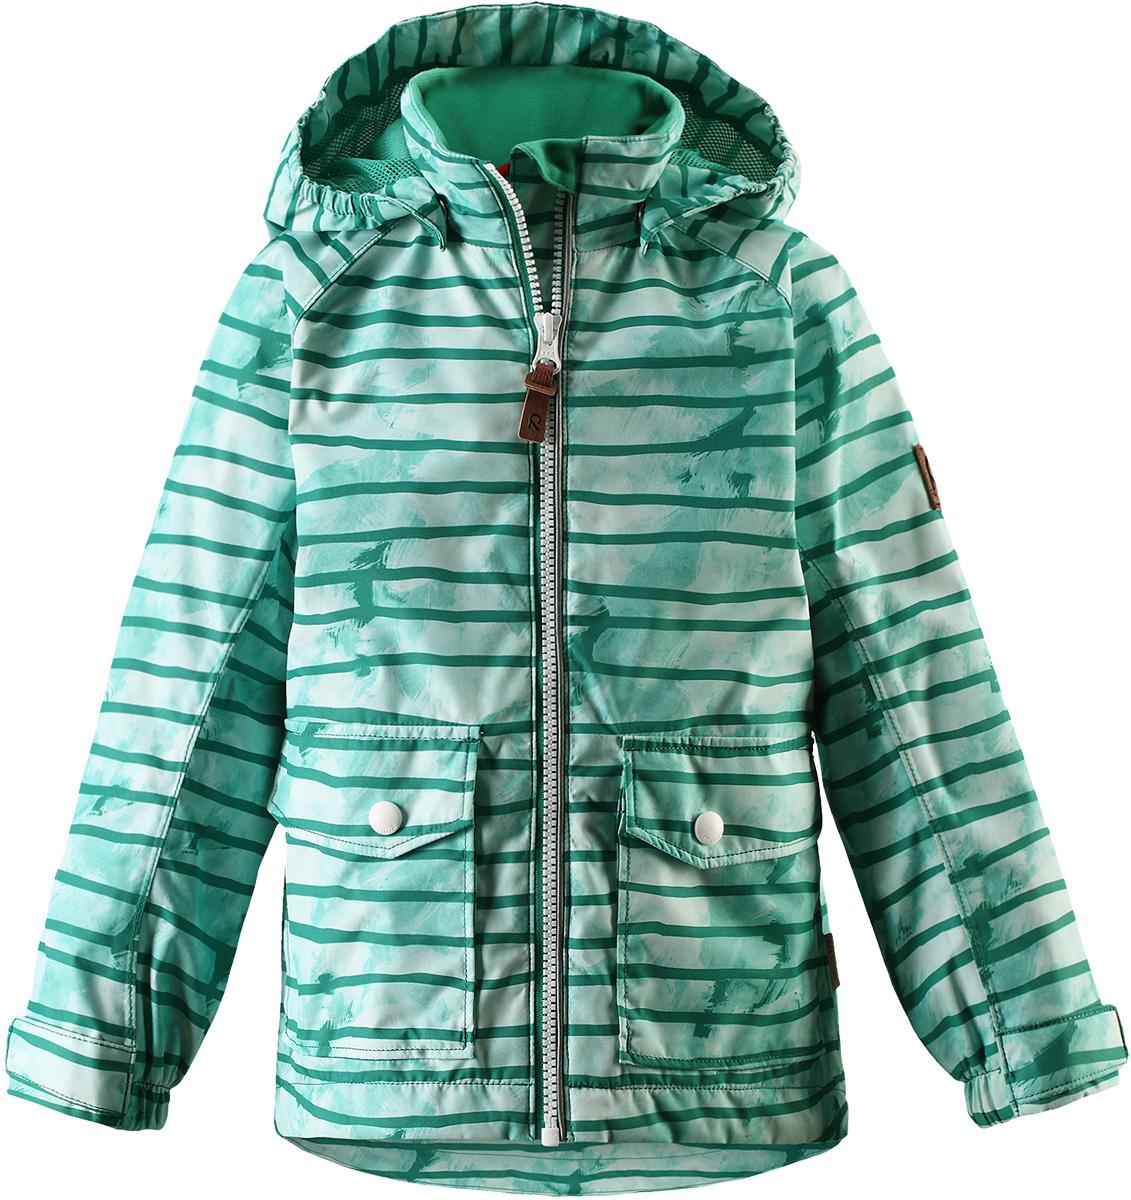 Куртка детская Reima Knot, цвет: зеленый. 5214858805. Размер 1345214858805Куртка Reima исполнена из высокотехнологичной ткани не пропускающей влагу, но не препятствующей циркуляции воздуха. Мембранная ткань пропускает влагу наружу когда ребенок потеет, но не позволяет ей проникнуть внутрь, что отлично при активных играх.